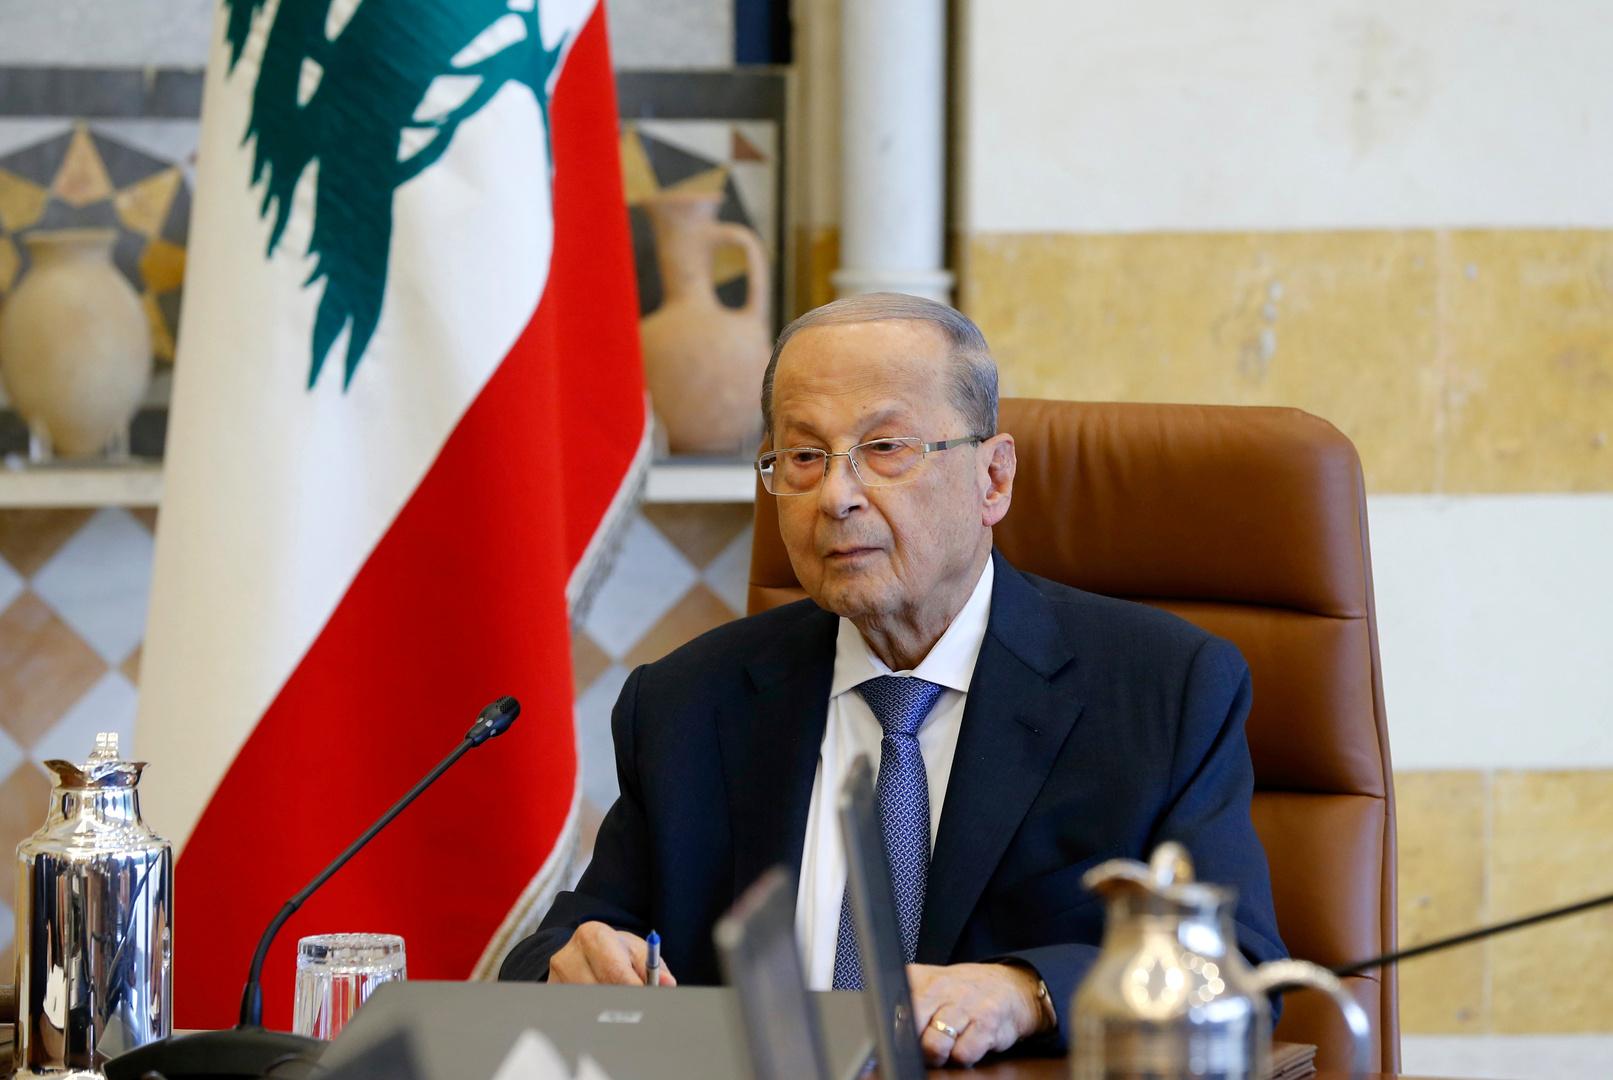 ميشال عون رئيس الجمهورية اللبنانية